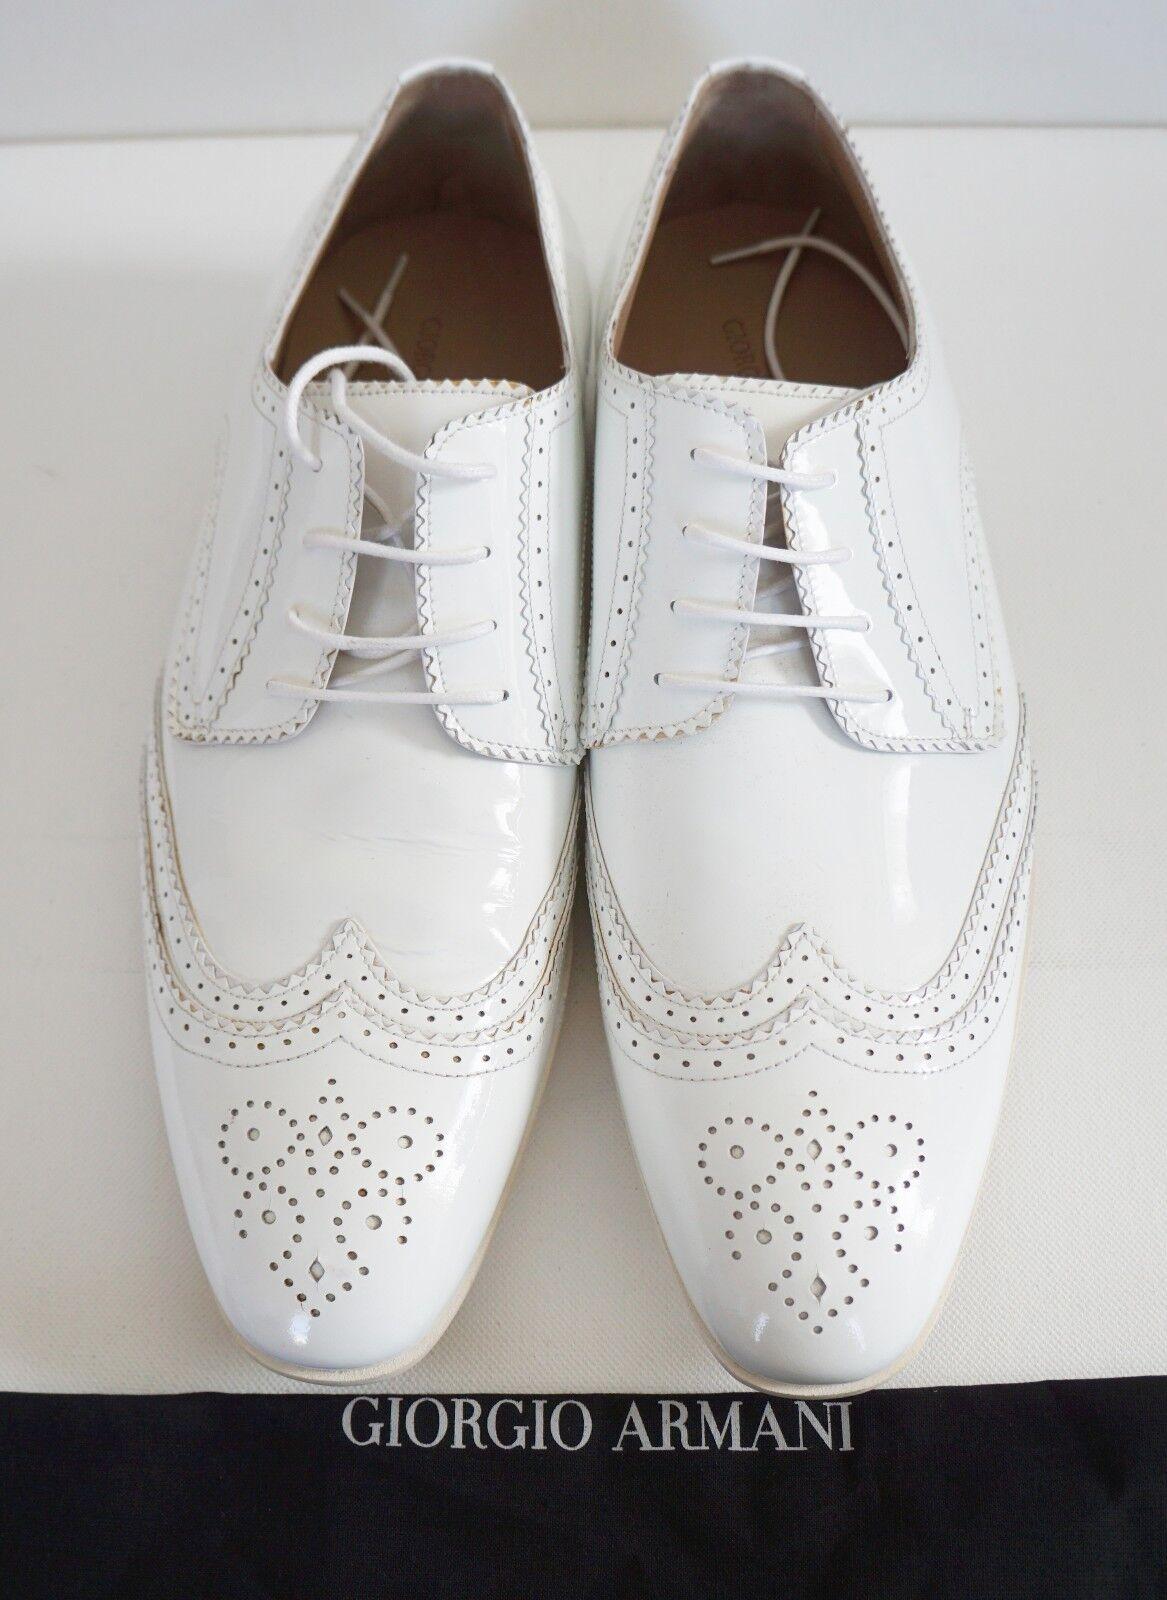 GIORGIO ARMANI Charol Blanco Wing Boda Tip Formal Boda Wing Zapatos IT-45 US-12 dd10e8